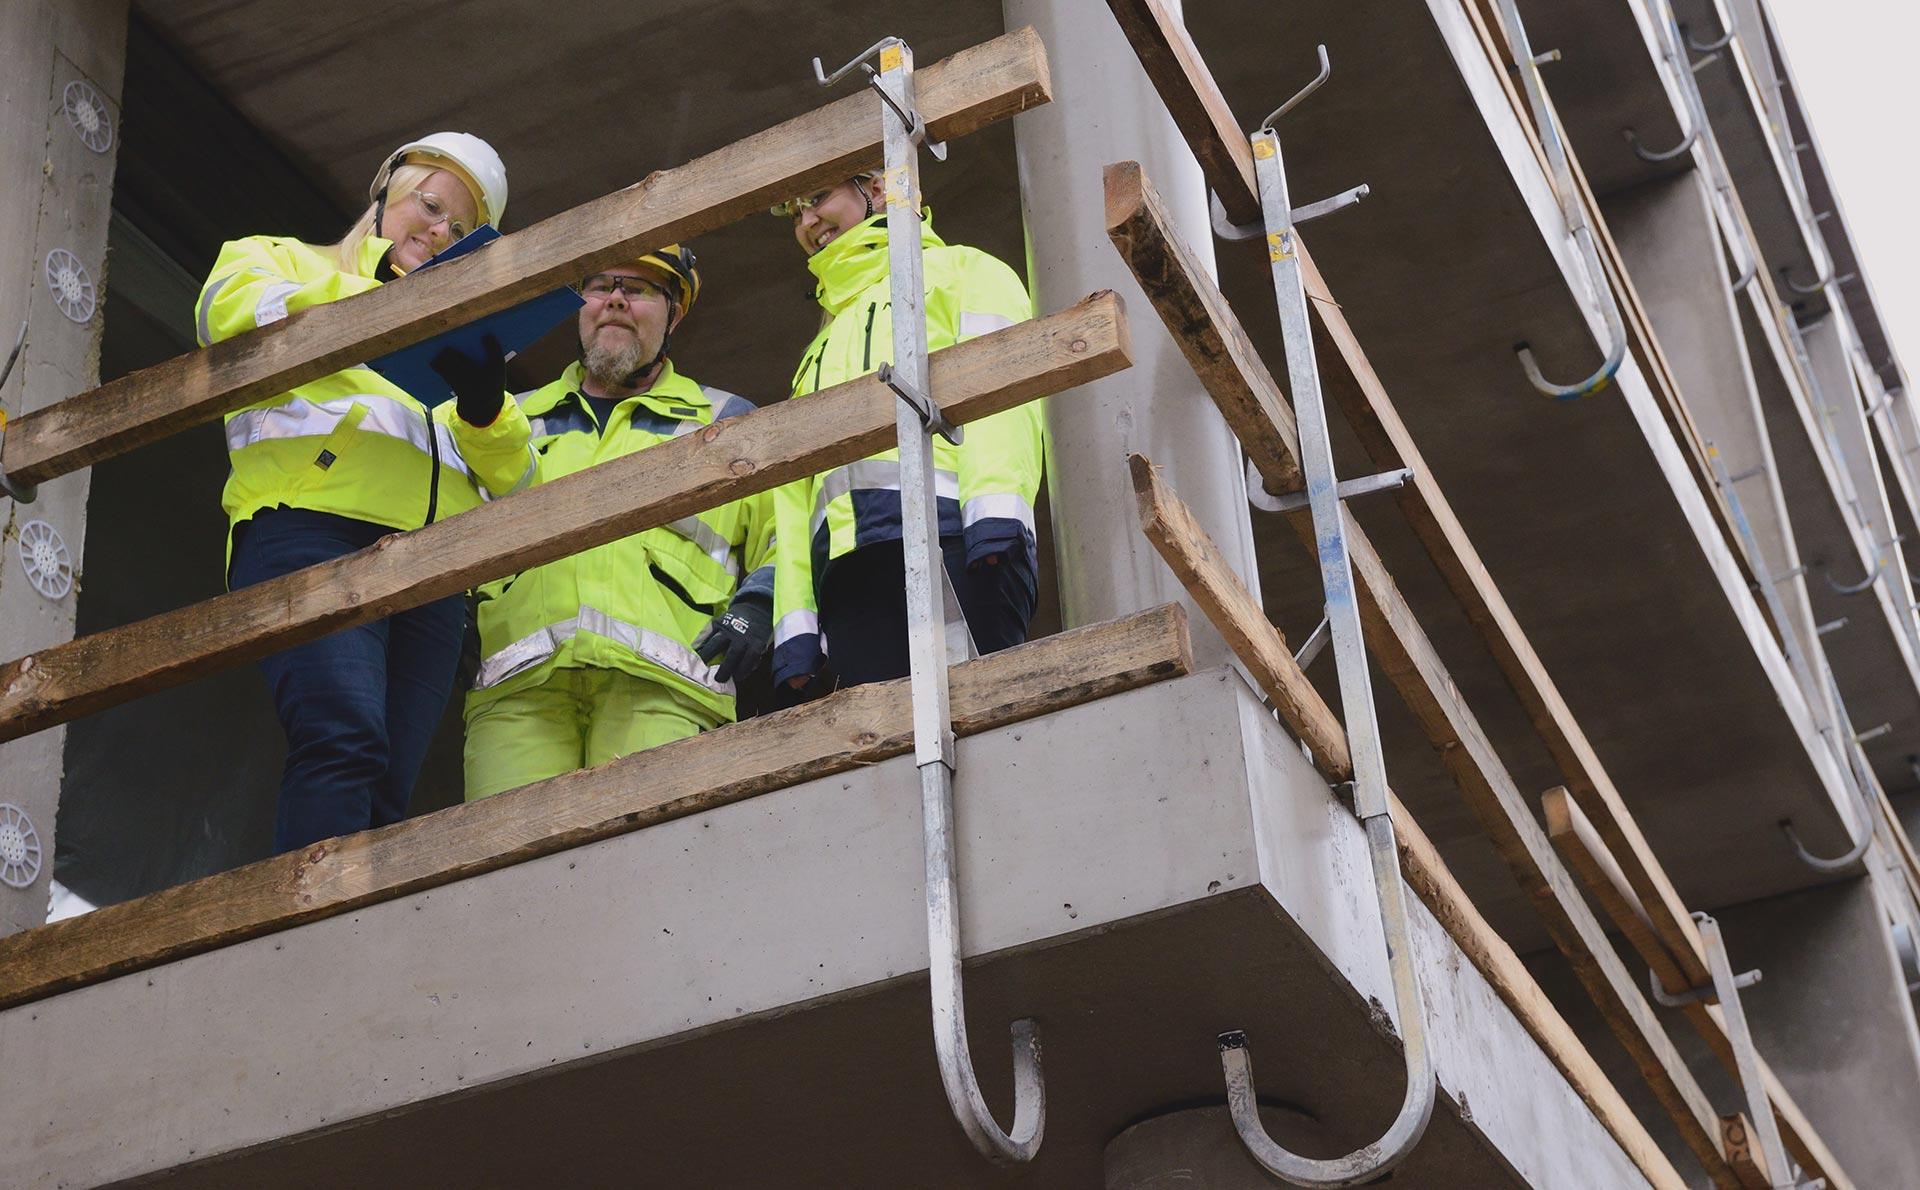 Korona teki isoimman muutoksen lounastaukoon – muu Suomi seisoo, mutta rakennustyömailla painetaan töitä tuttuun tahtiin